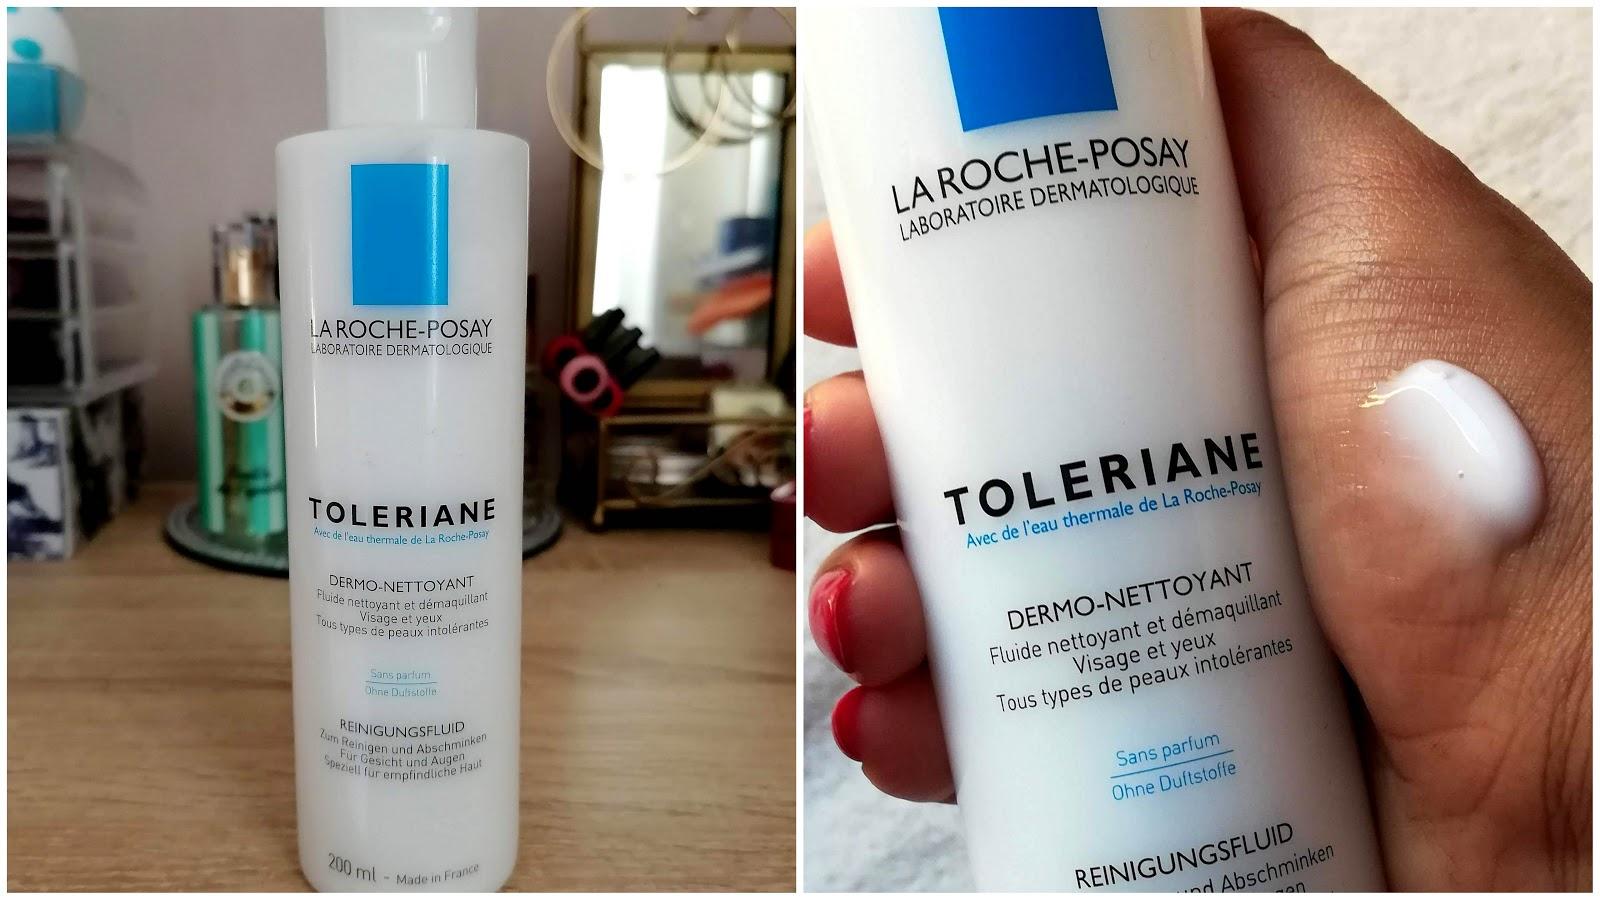 Les essentiels beauté & make up pour les peaux sensibles TOLÉRIANE LA ROCHE-POSAY